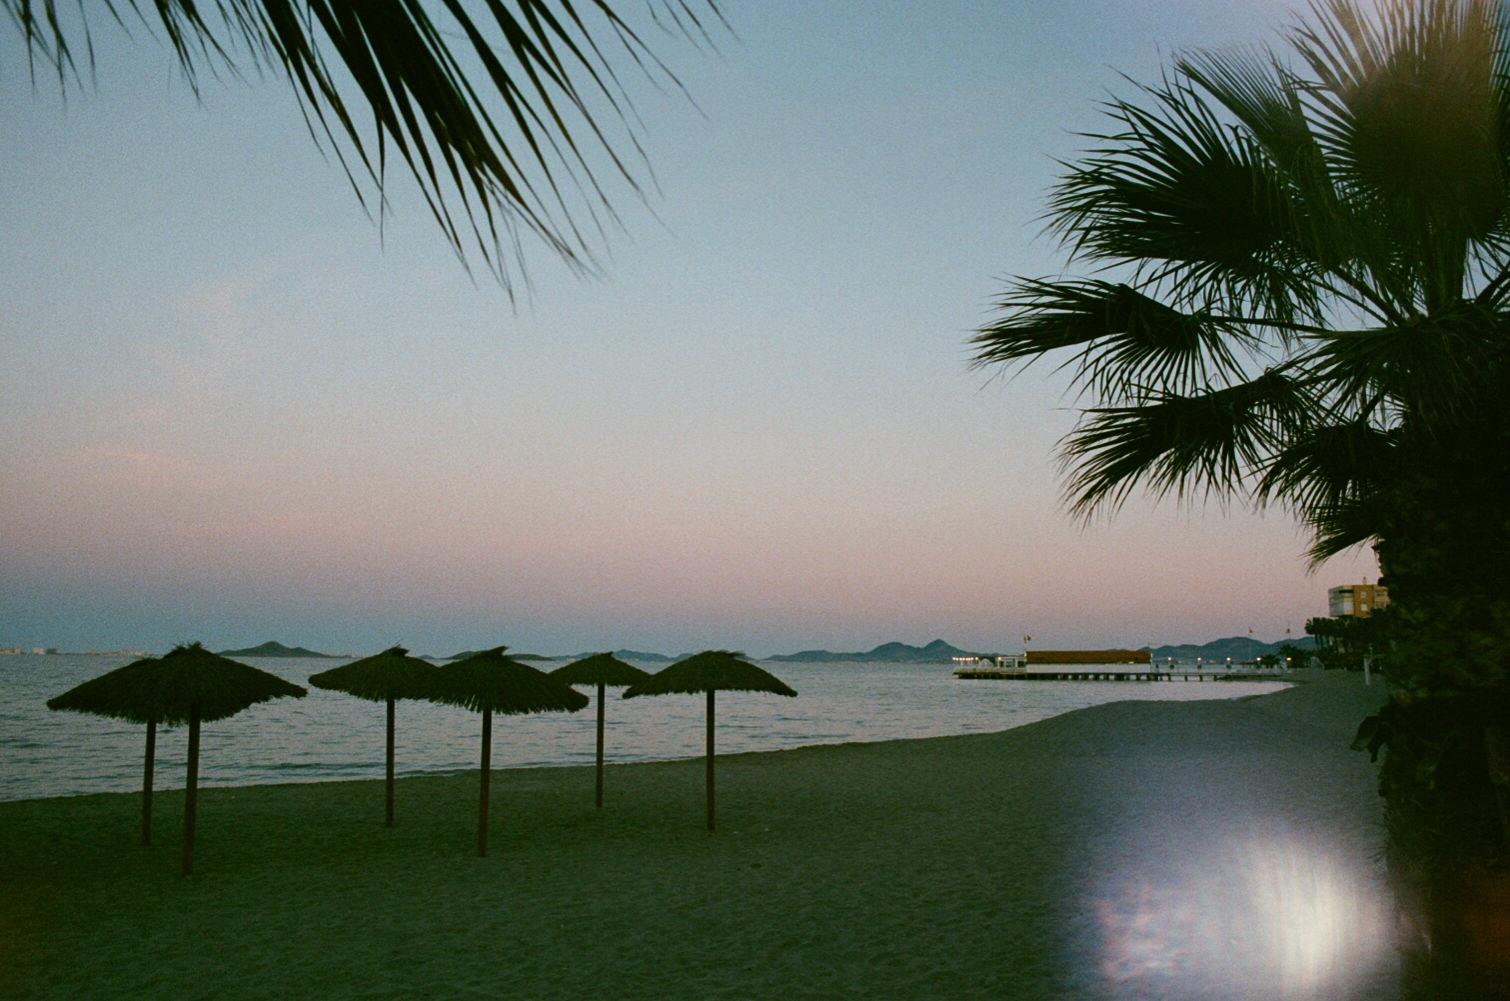 Los Alcazares evening by the sea